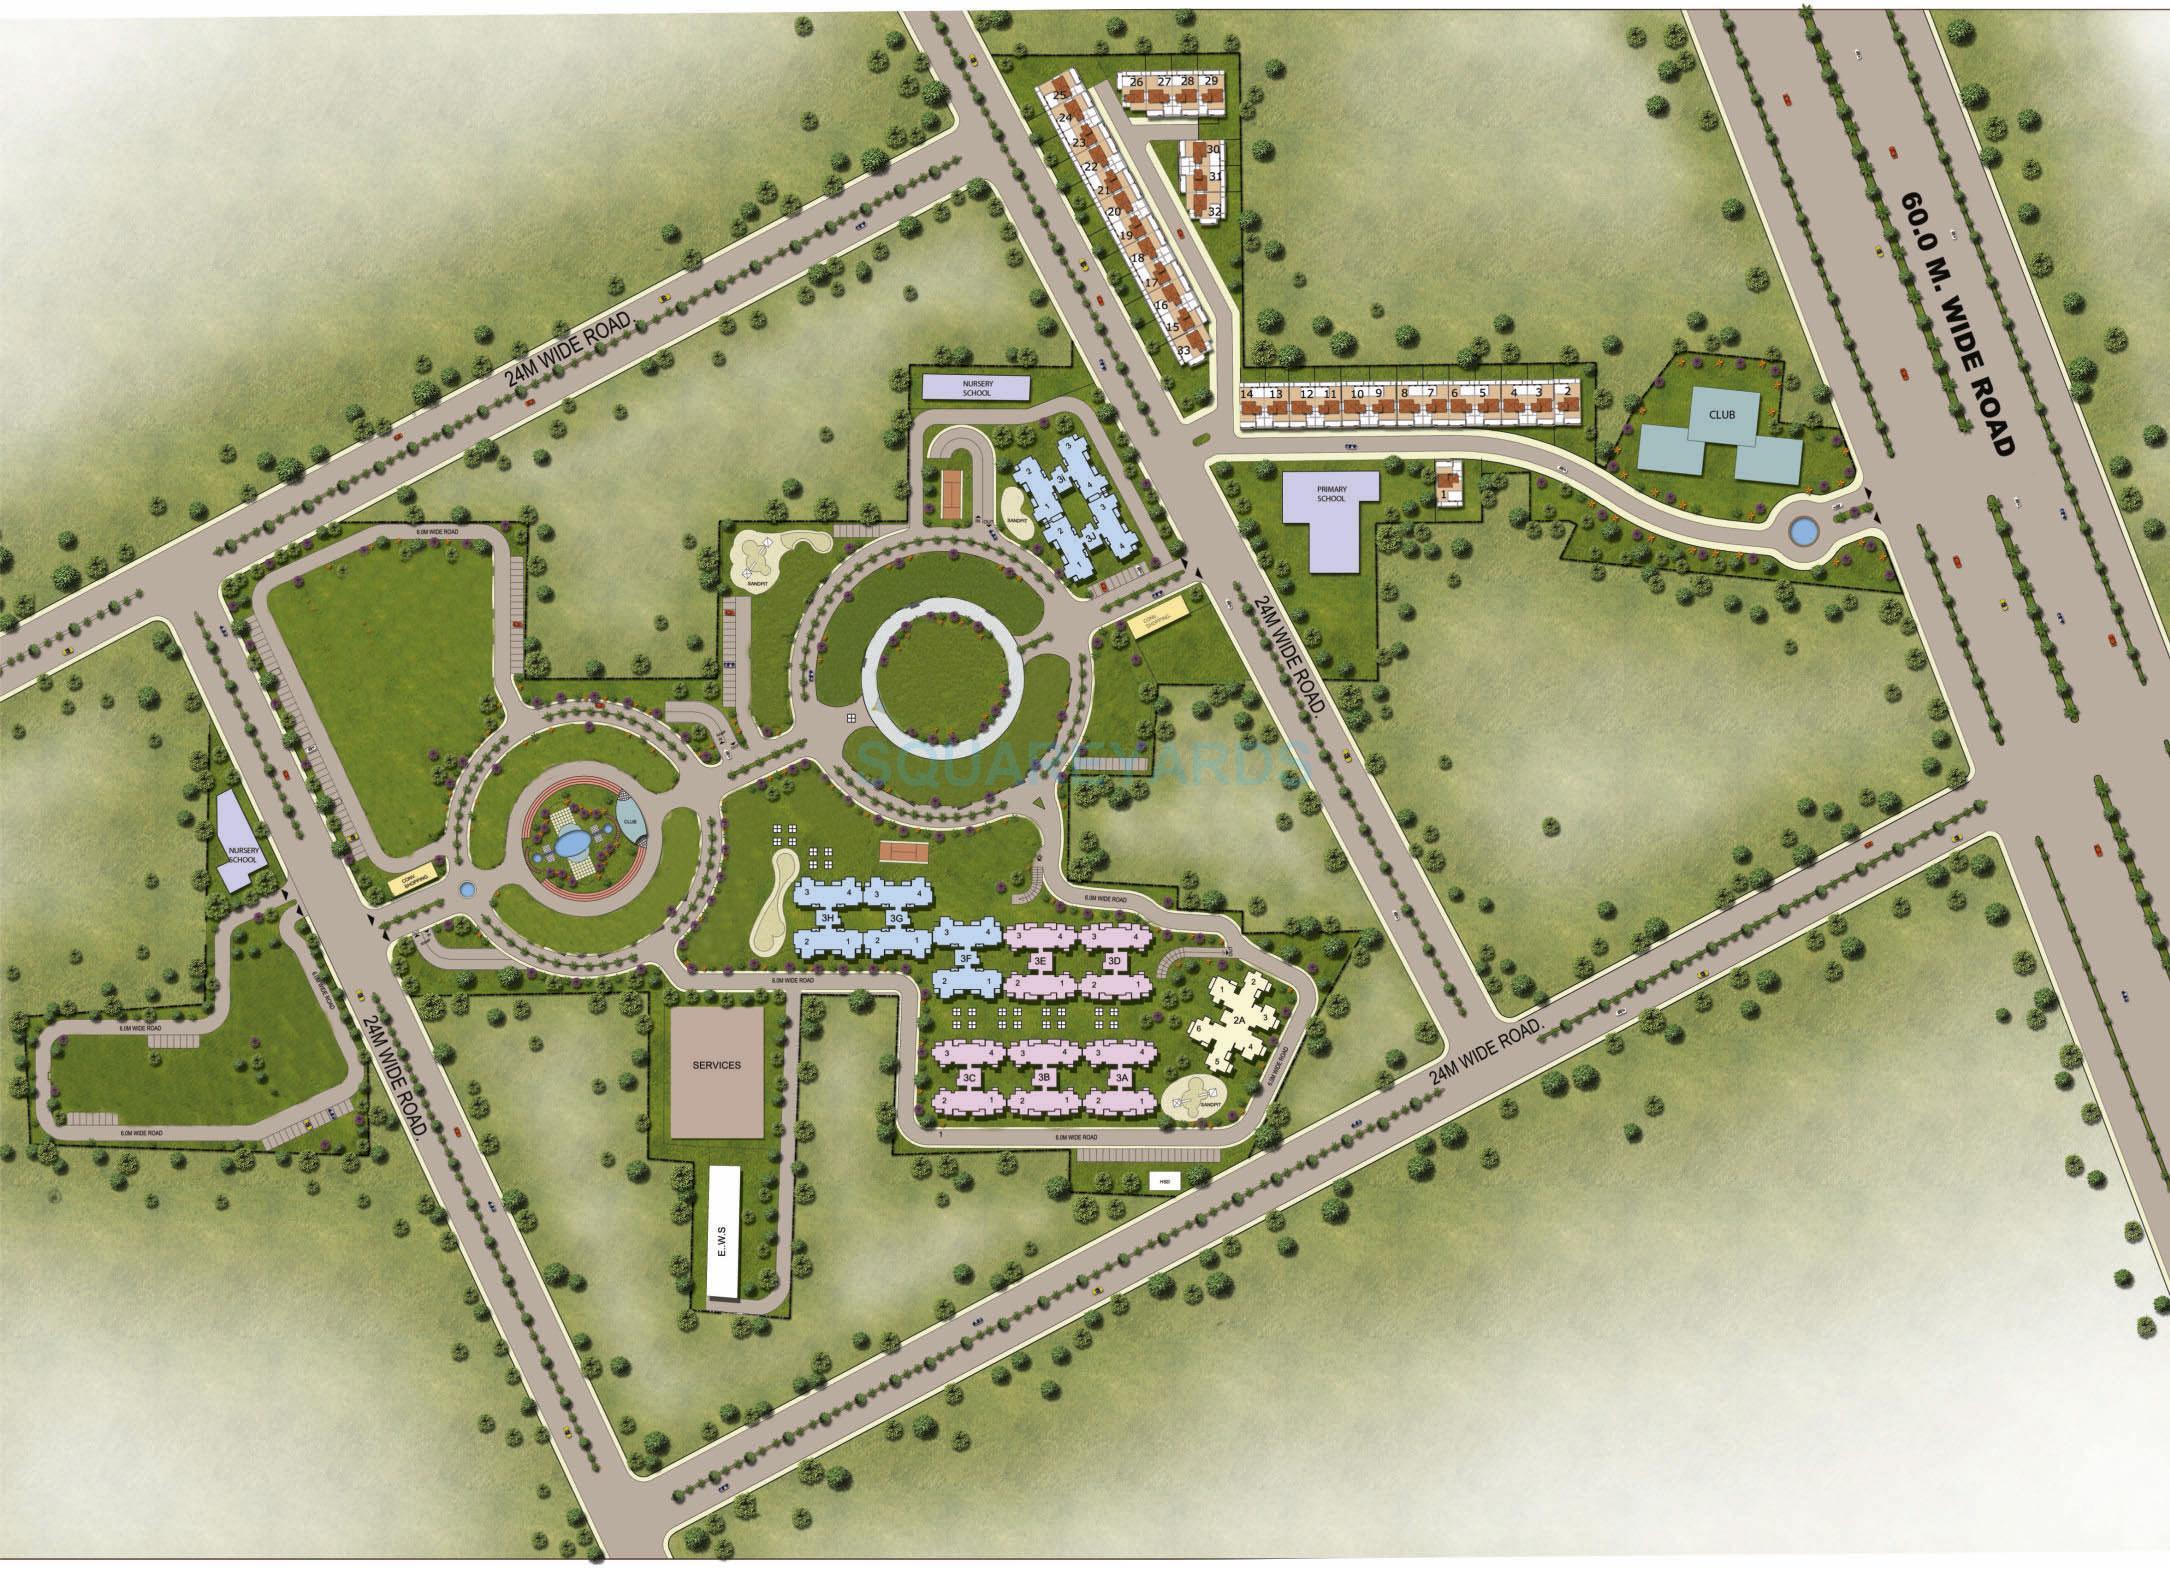 orris aster court master plan image1